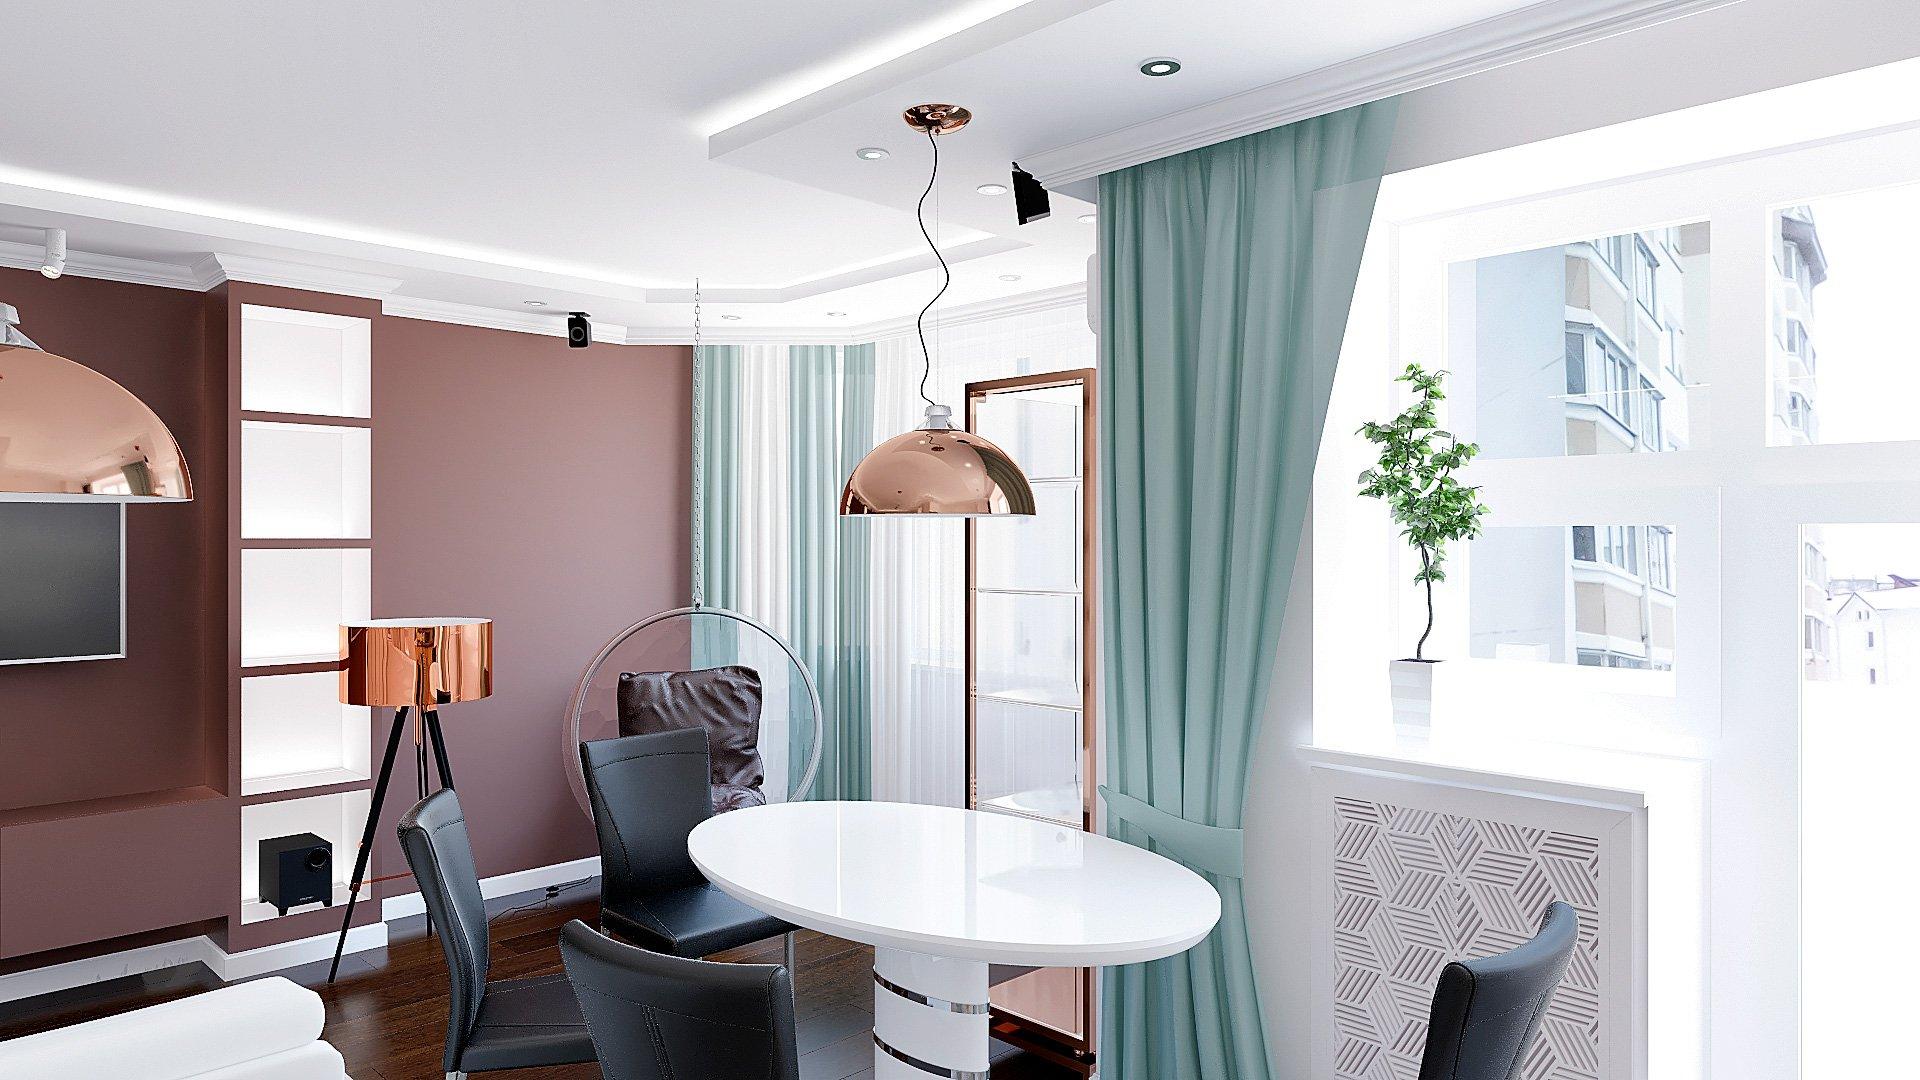 Дизайн интерьера квартиры в Гомеле, Зона кухни-гостиной-прихожая, белый диван, темно-коричневая стена, полки с подсветкой, подвесные светильники, интерьер обеденной зоны в гомеле в современном стиле №4